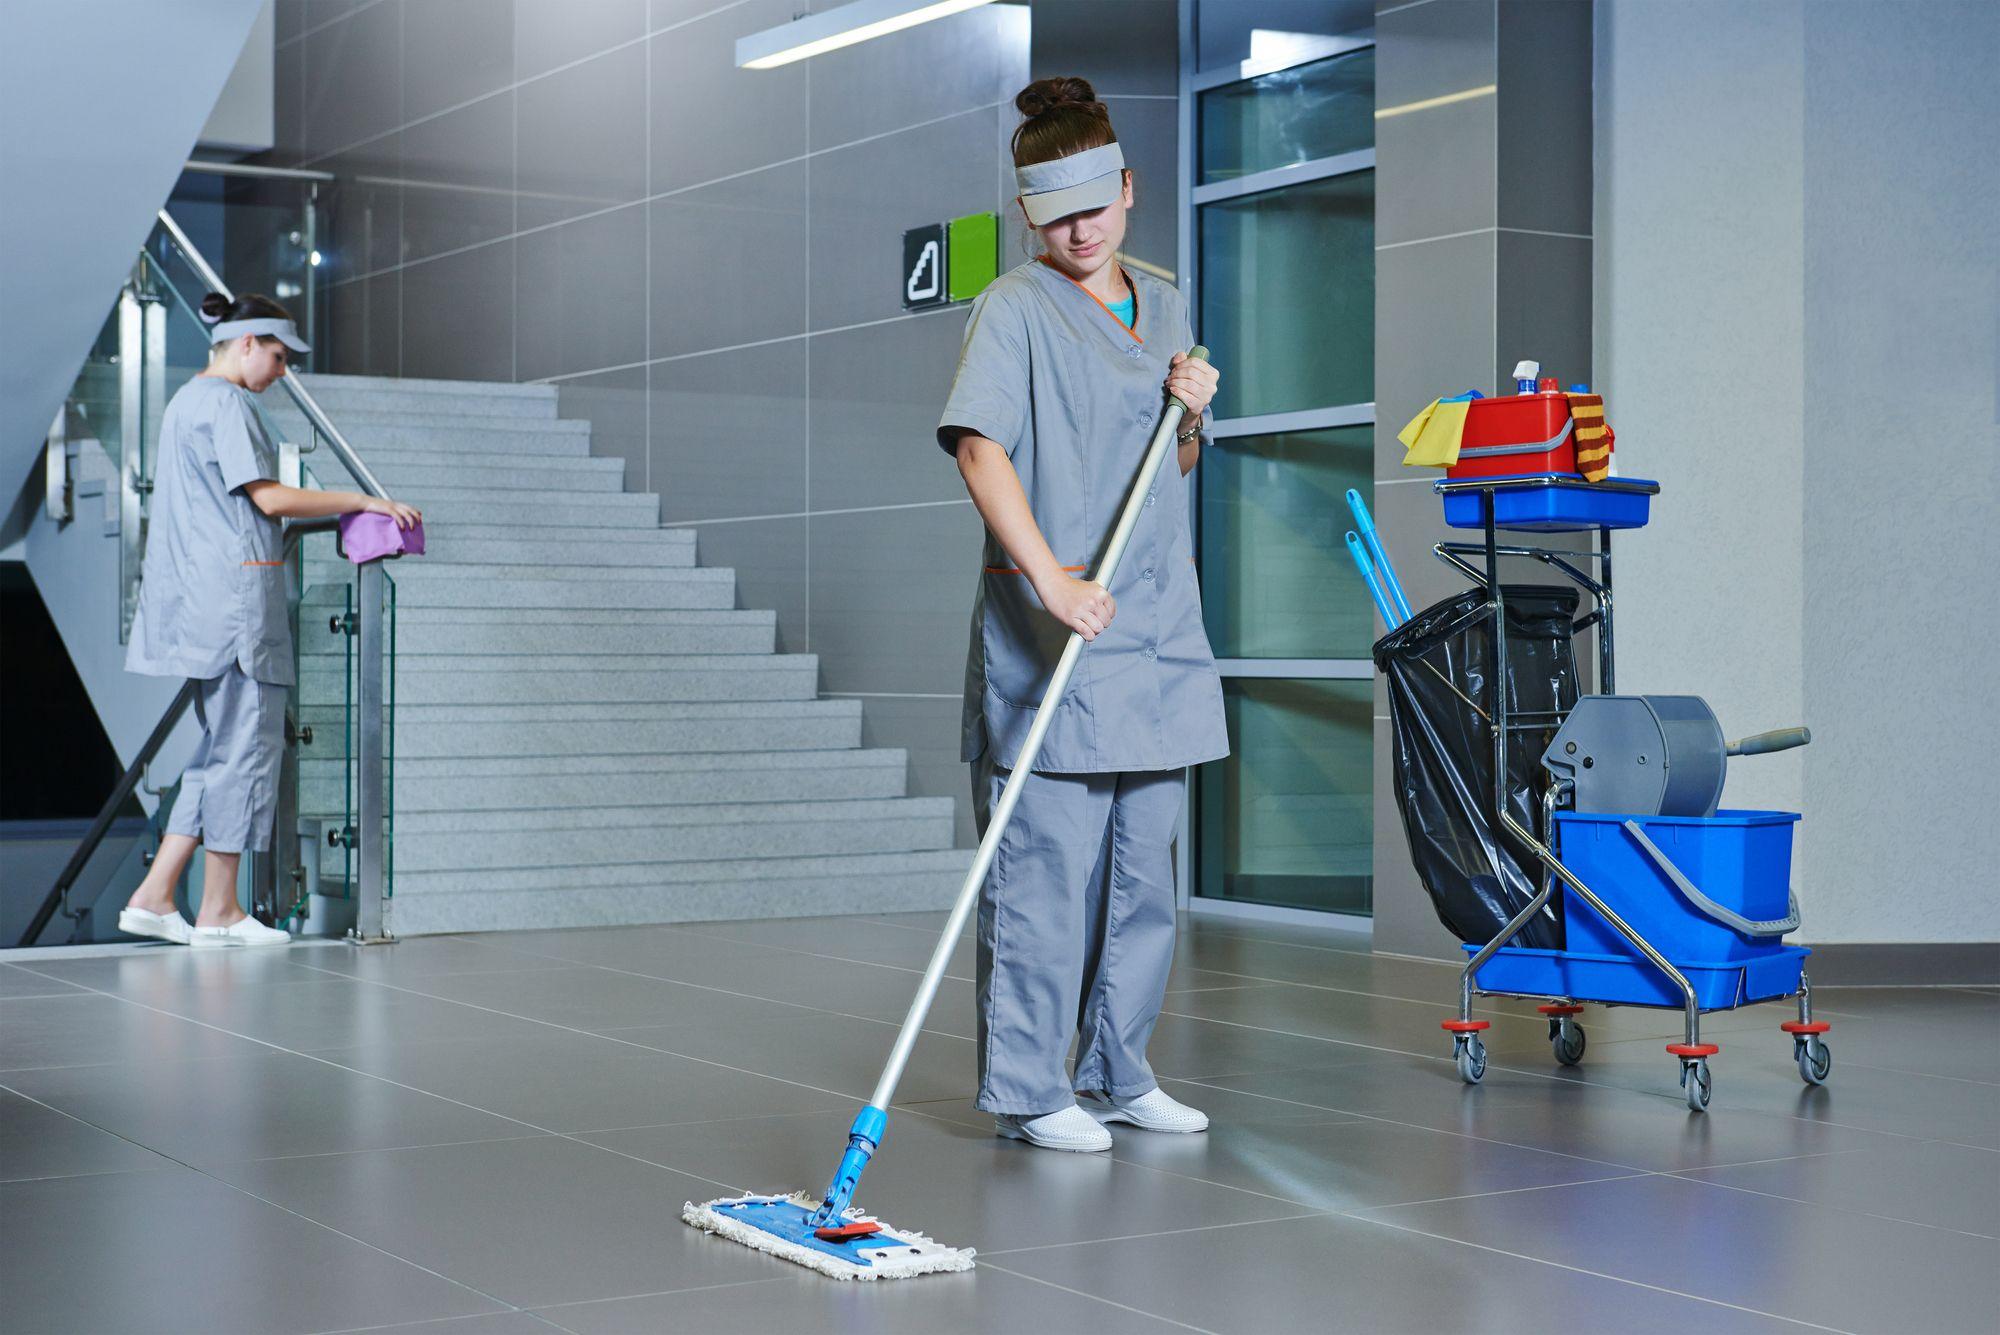 דרושים עובדי ניקיון למספר אזורים בארץ דרושים עובדי ניקיון לעבודה - Bathroom cleaning services in hyderabad